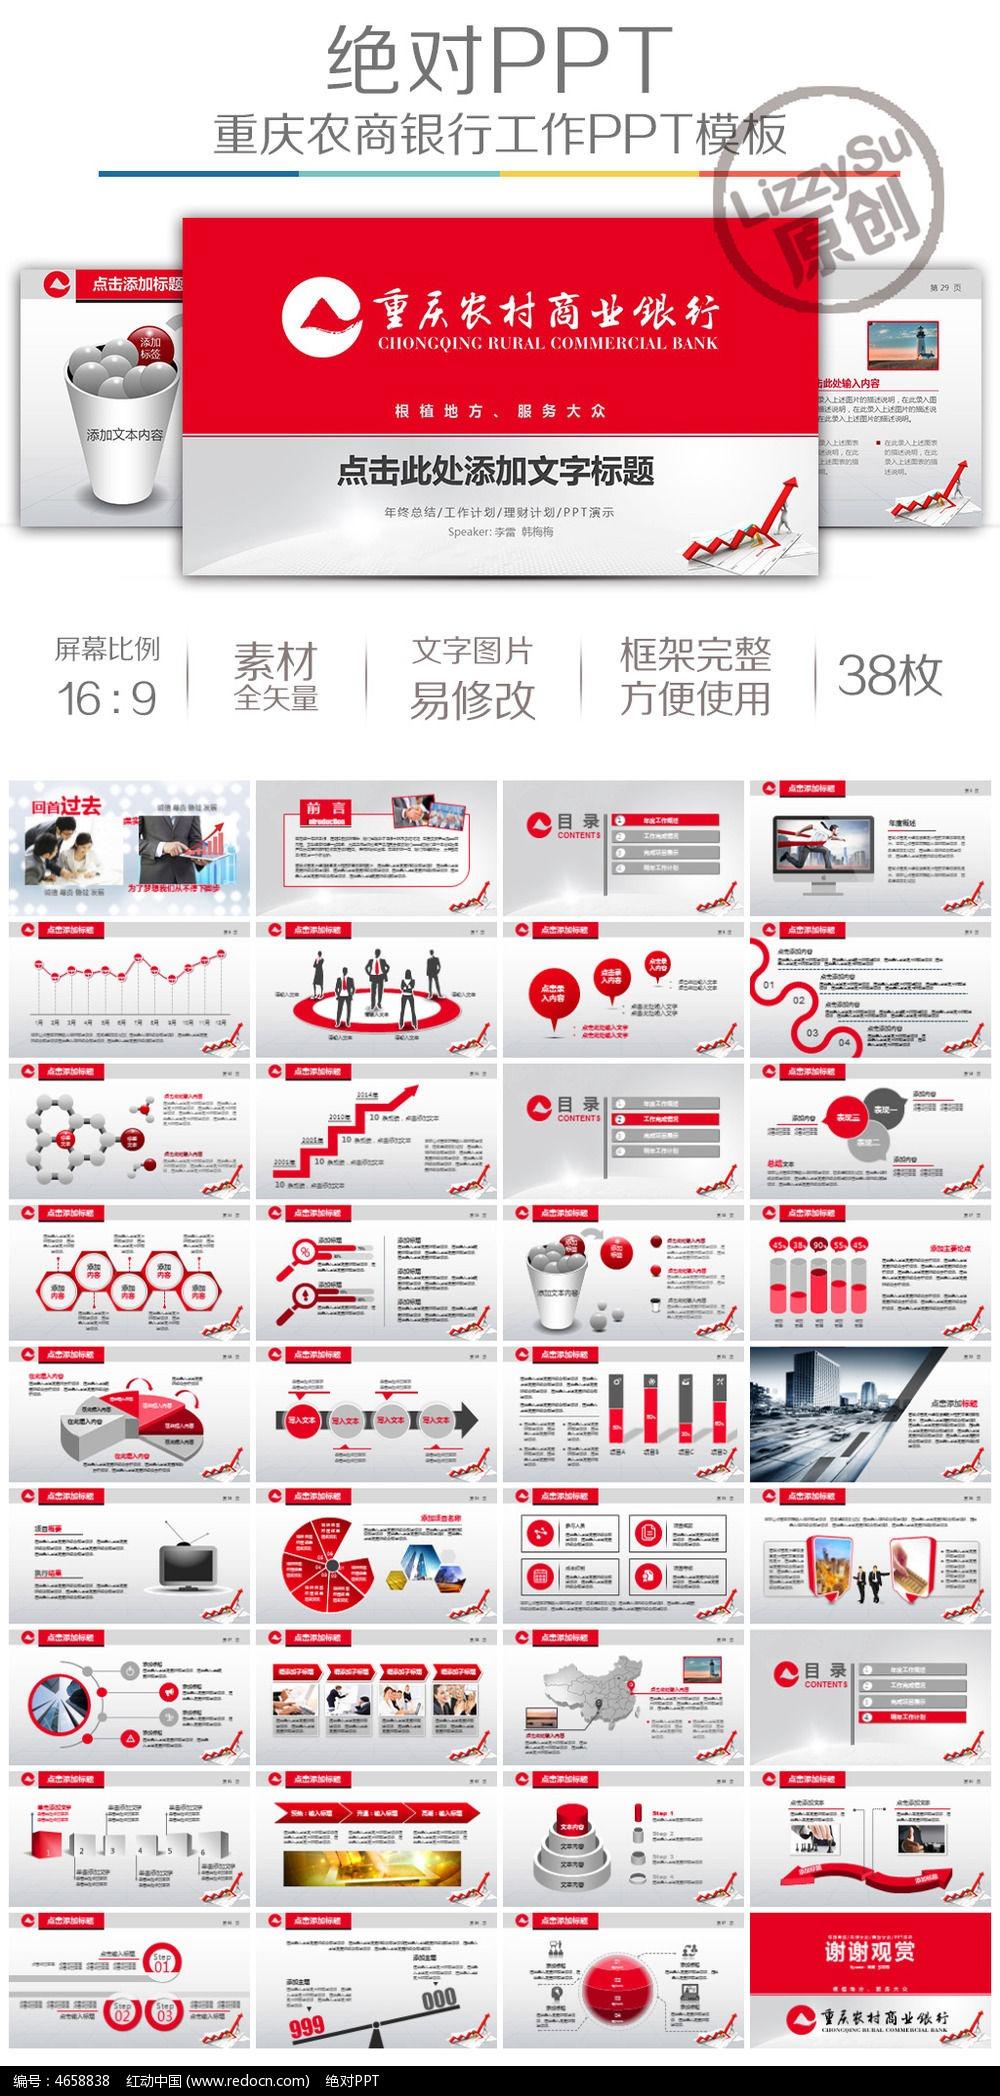 重庆农商银行工作计划ppt模板